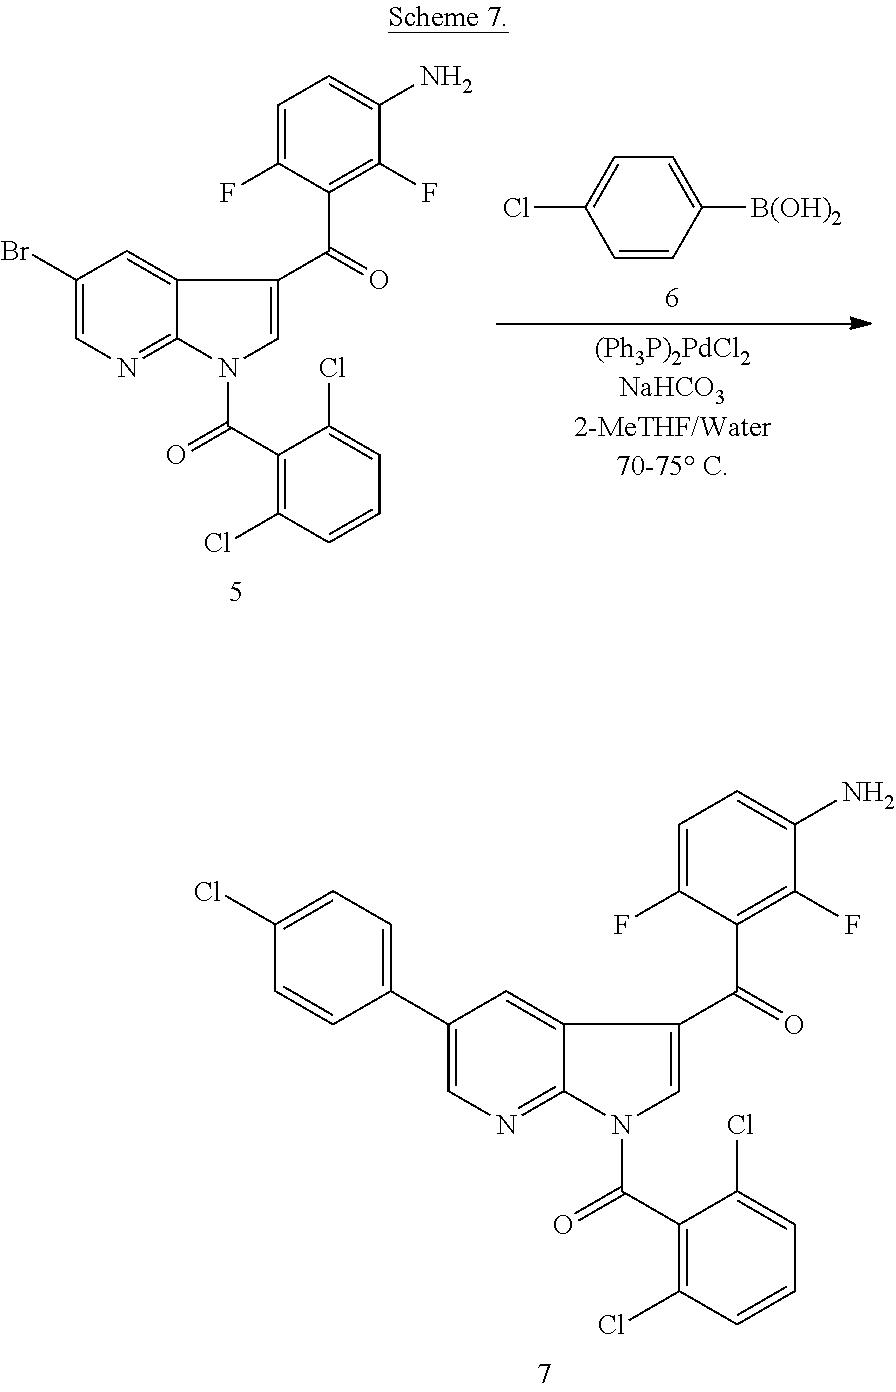 Figure US09695169-20170704-C00026